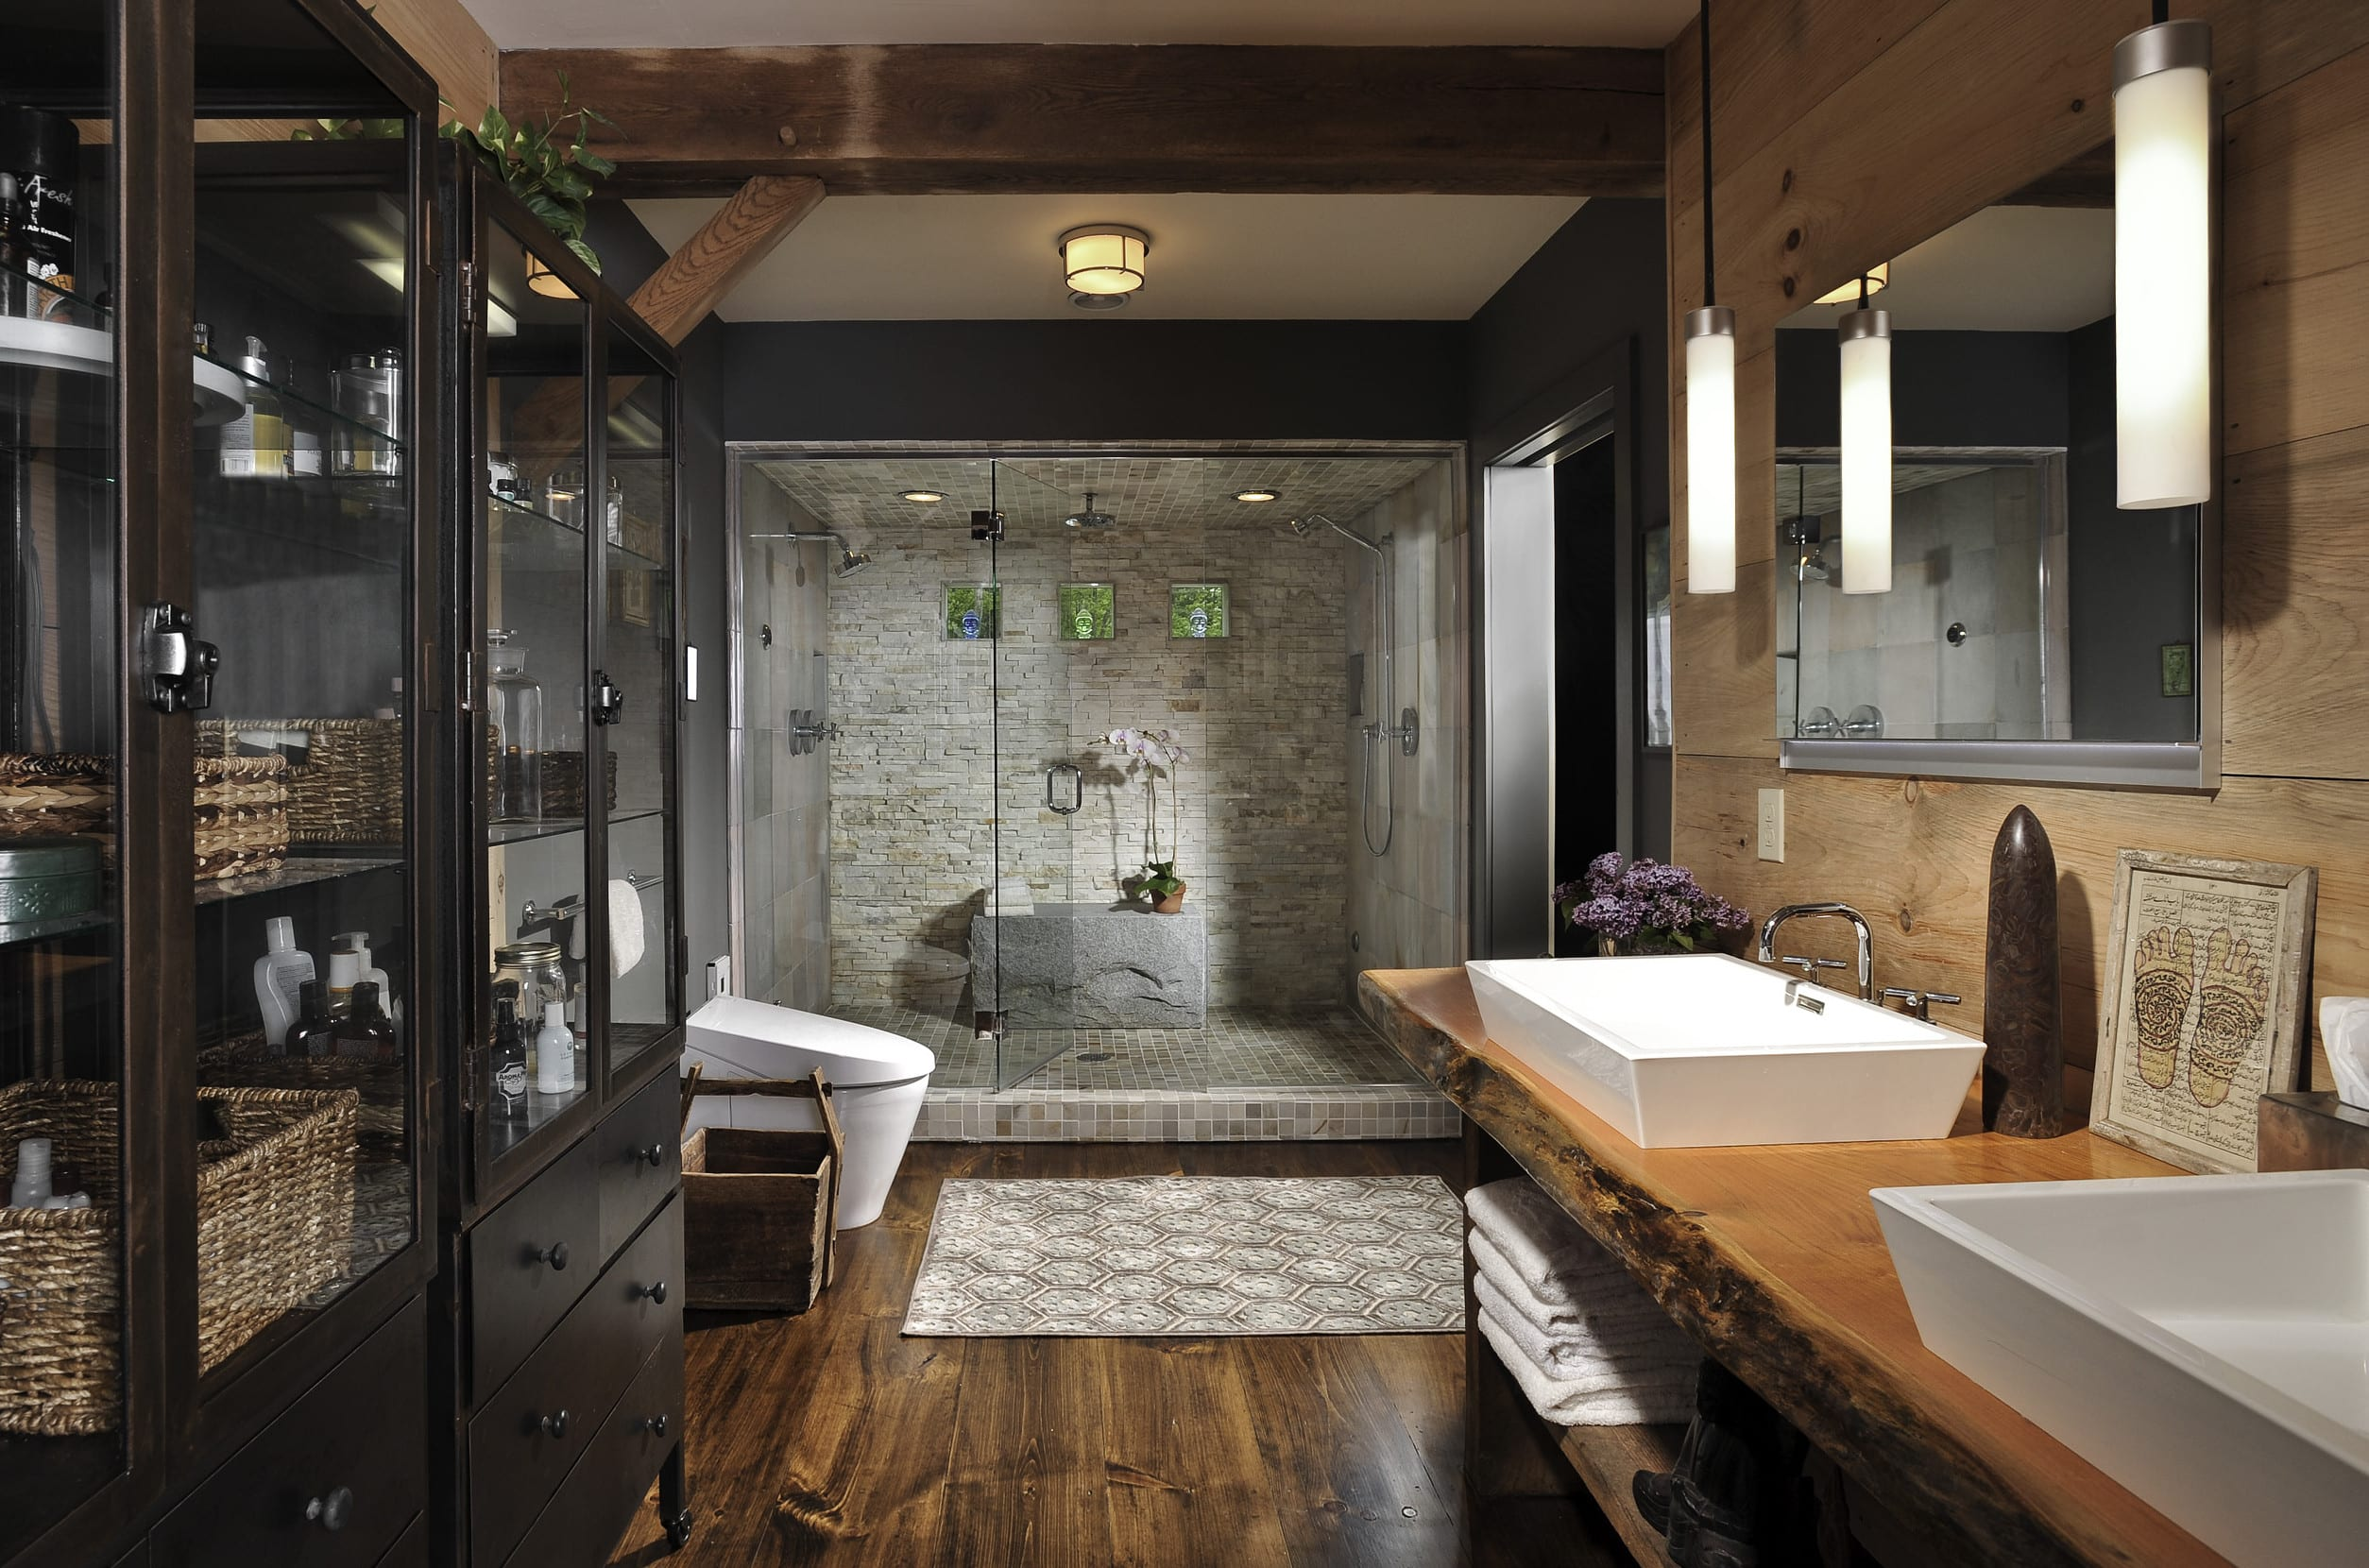 Beautiful Vintage Badezimmer Ideen Mit Zwei Duschen Und Vintage Mit With  Bad Holz